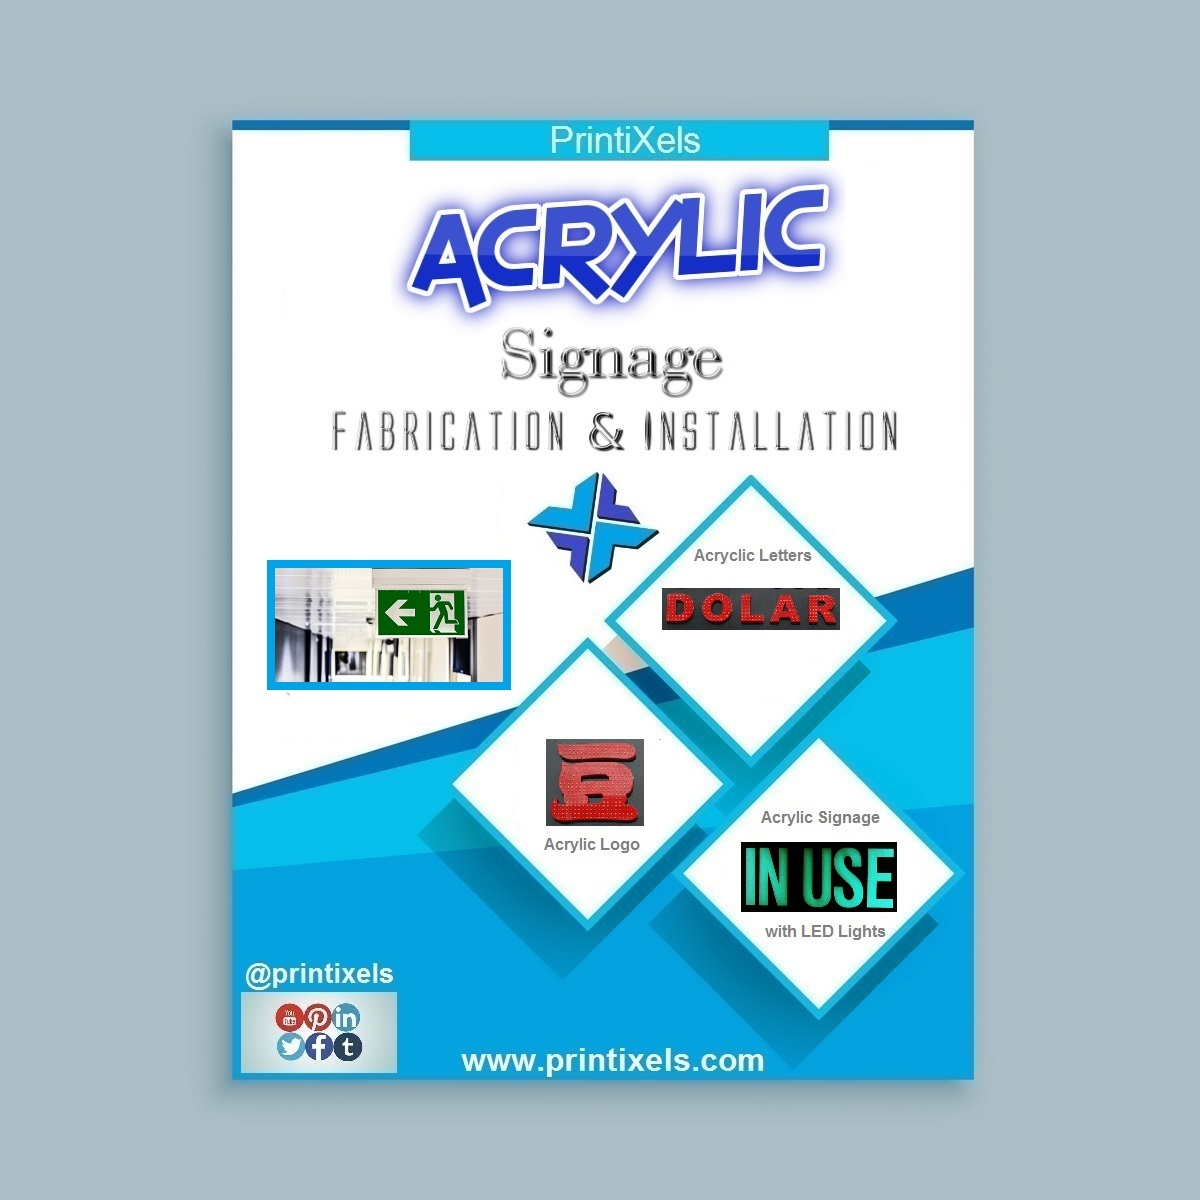 Acrylic Signage Fabrication & Installation